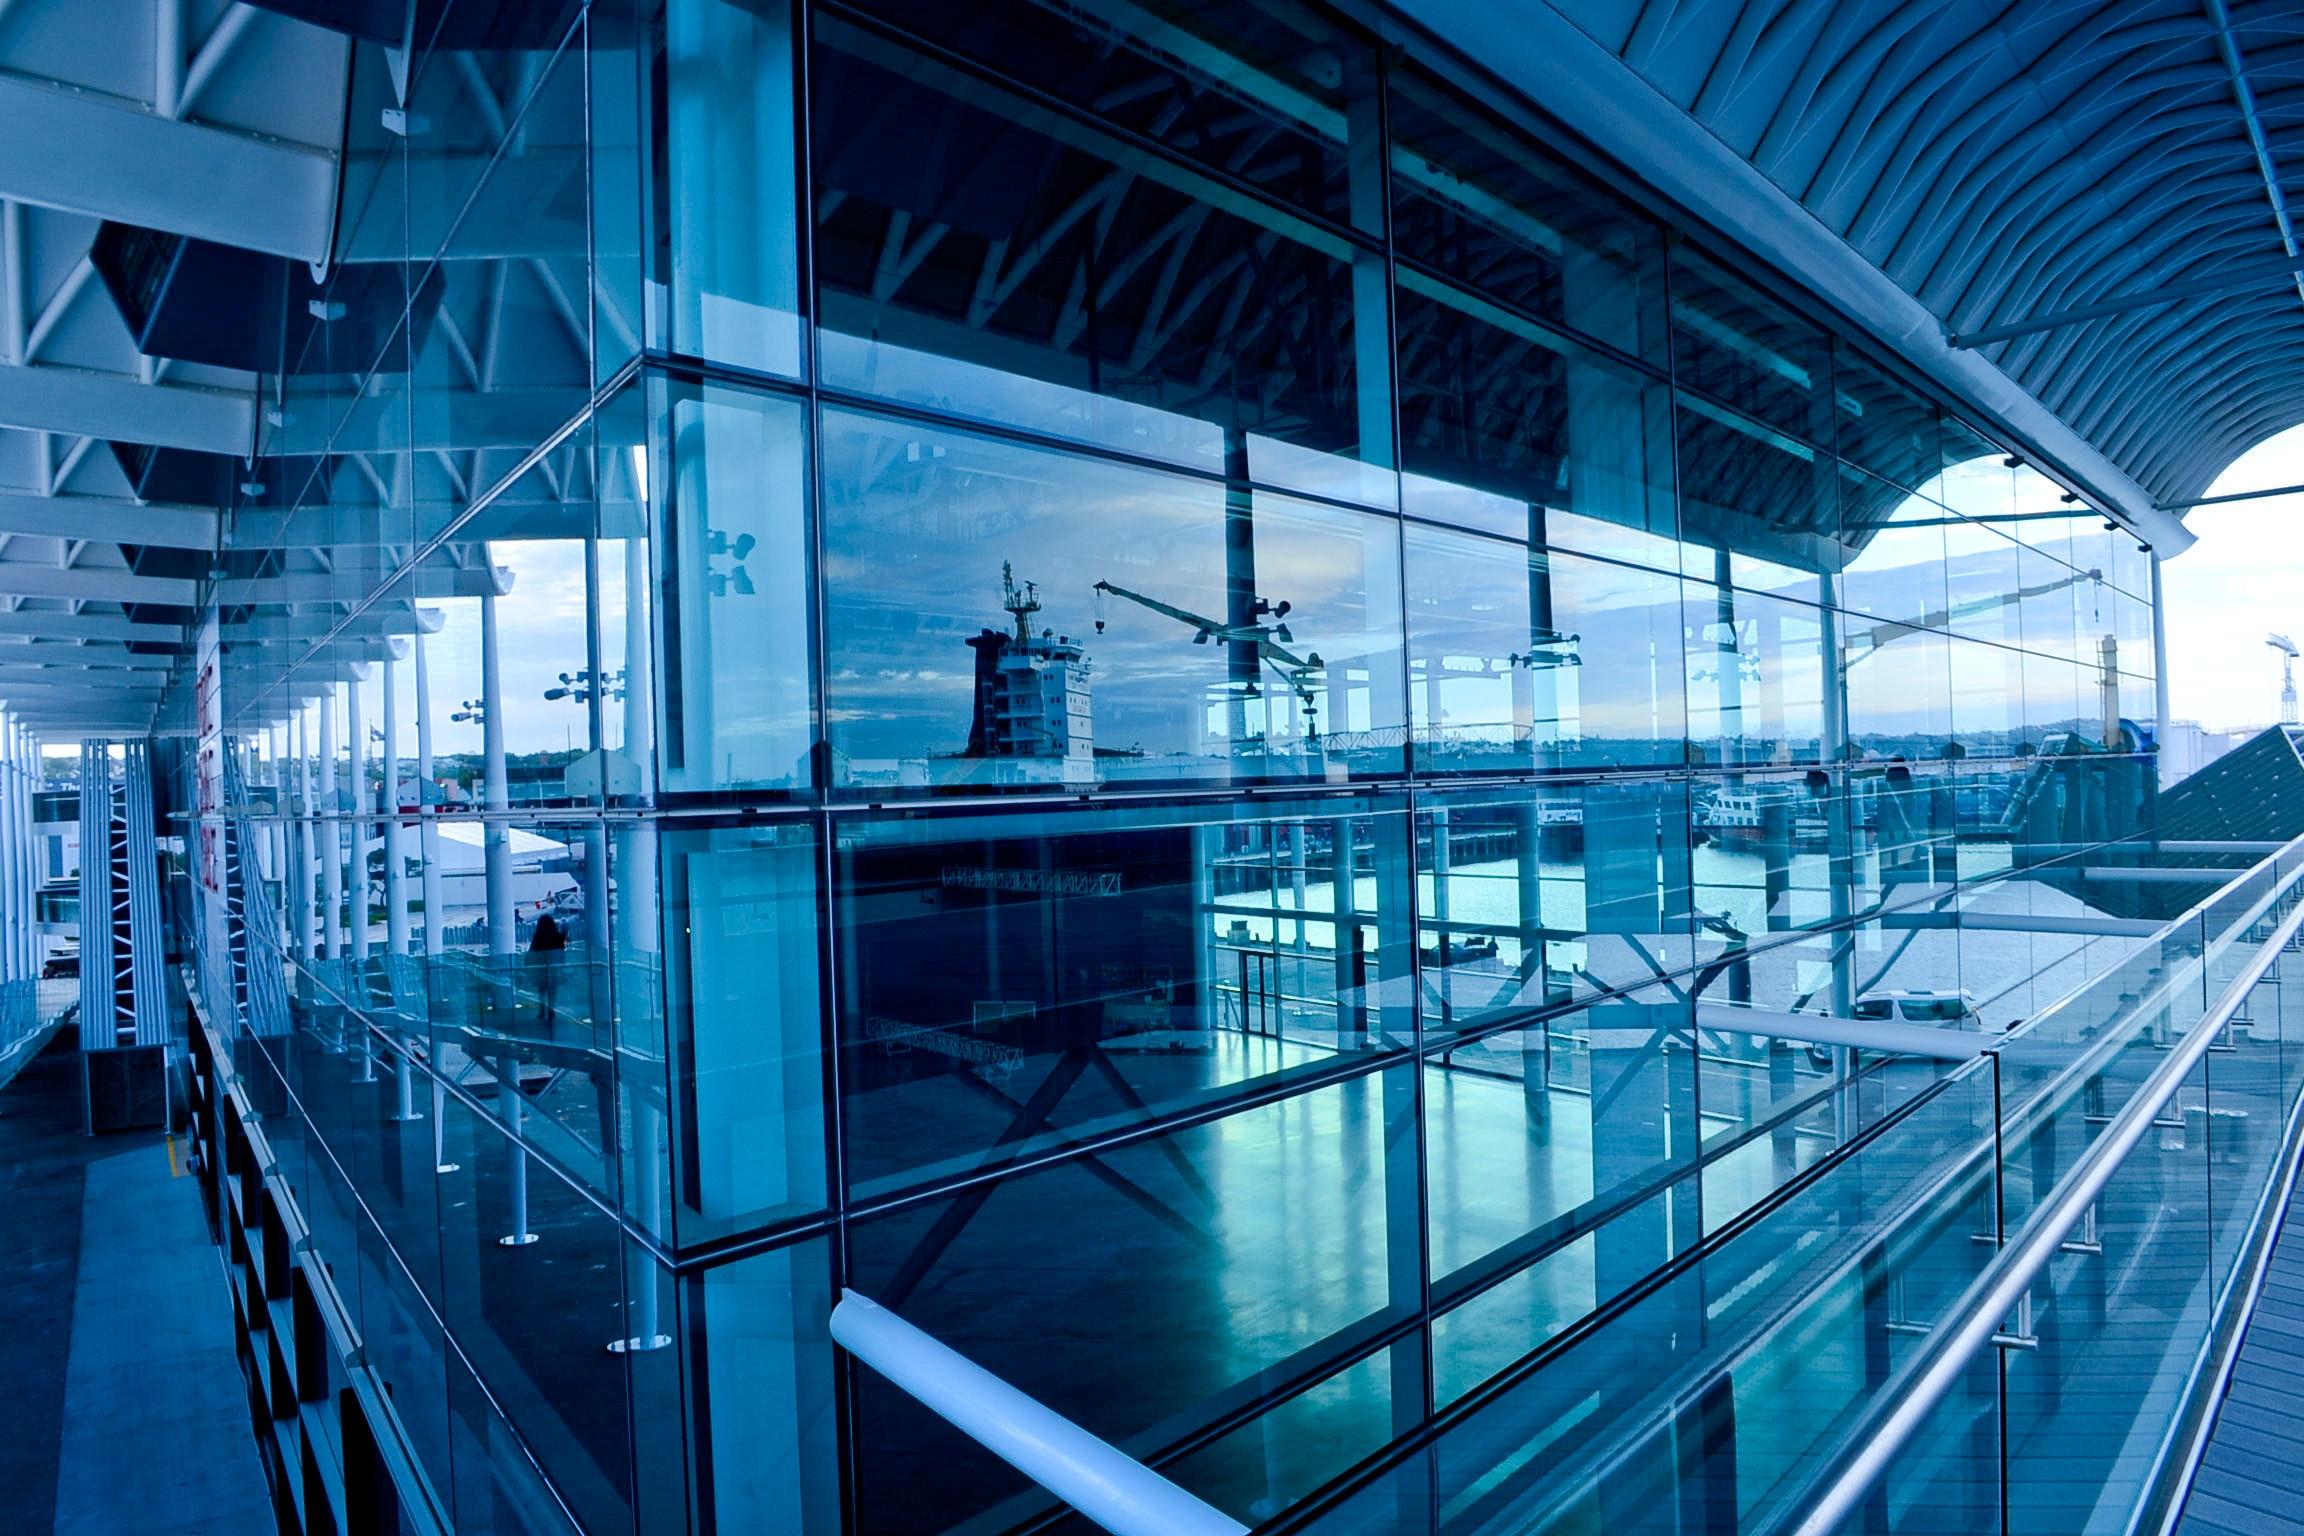 Foto stok gratis tentang Arsitektur, baja, Bandara